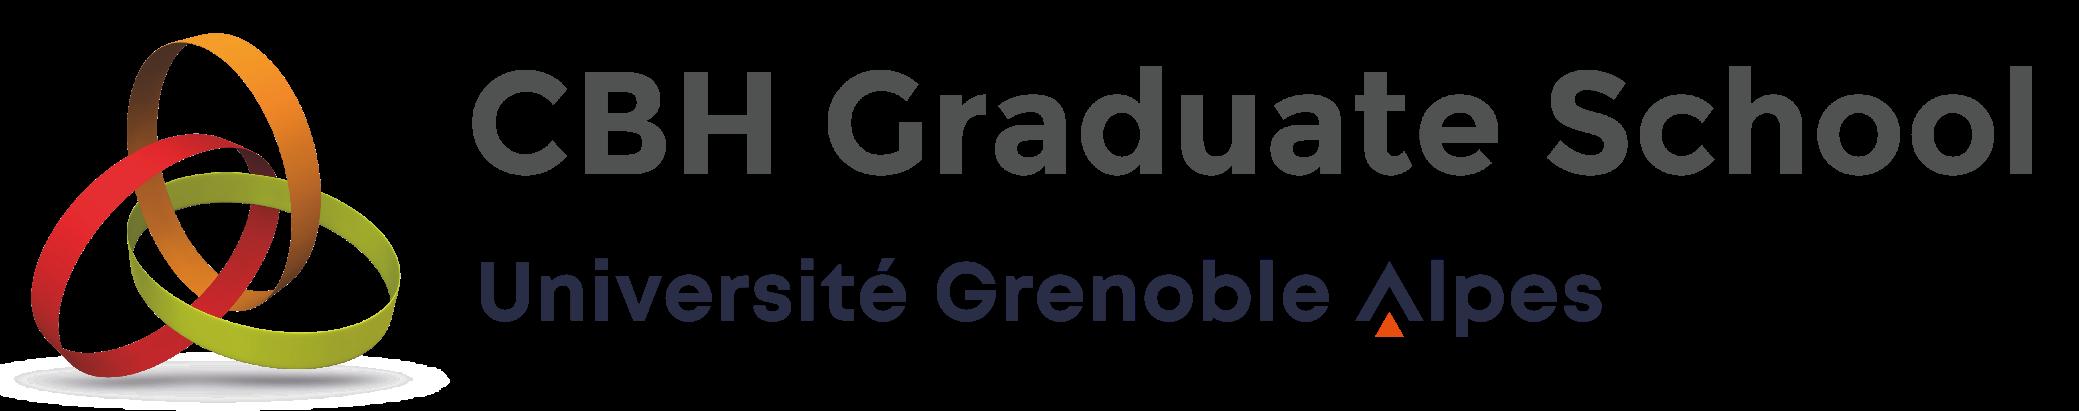 CBH Graduate School